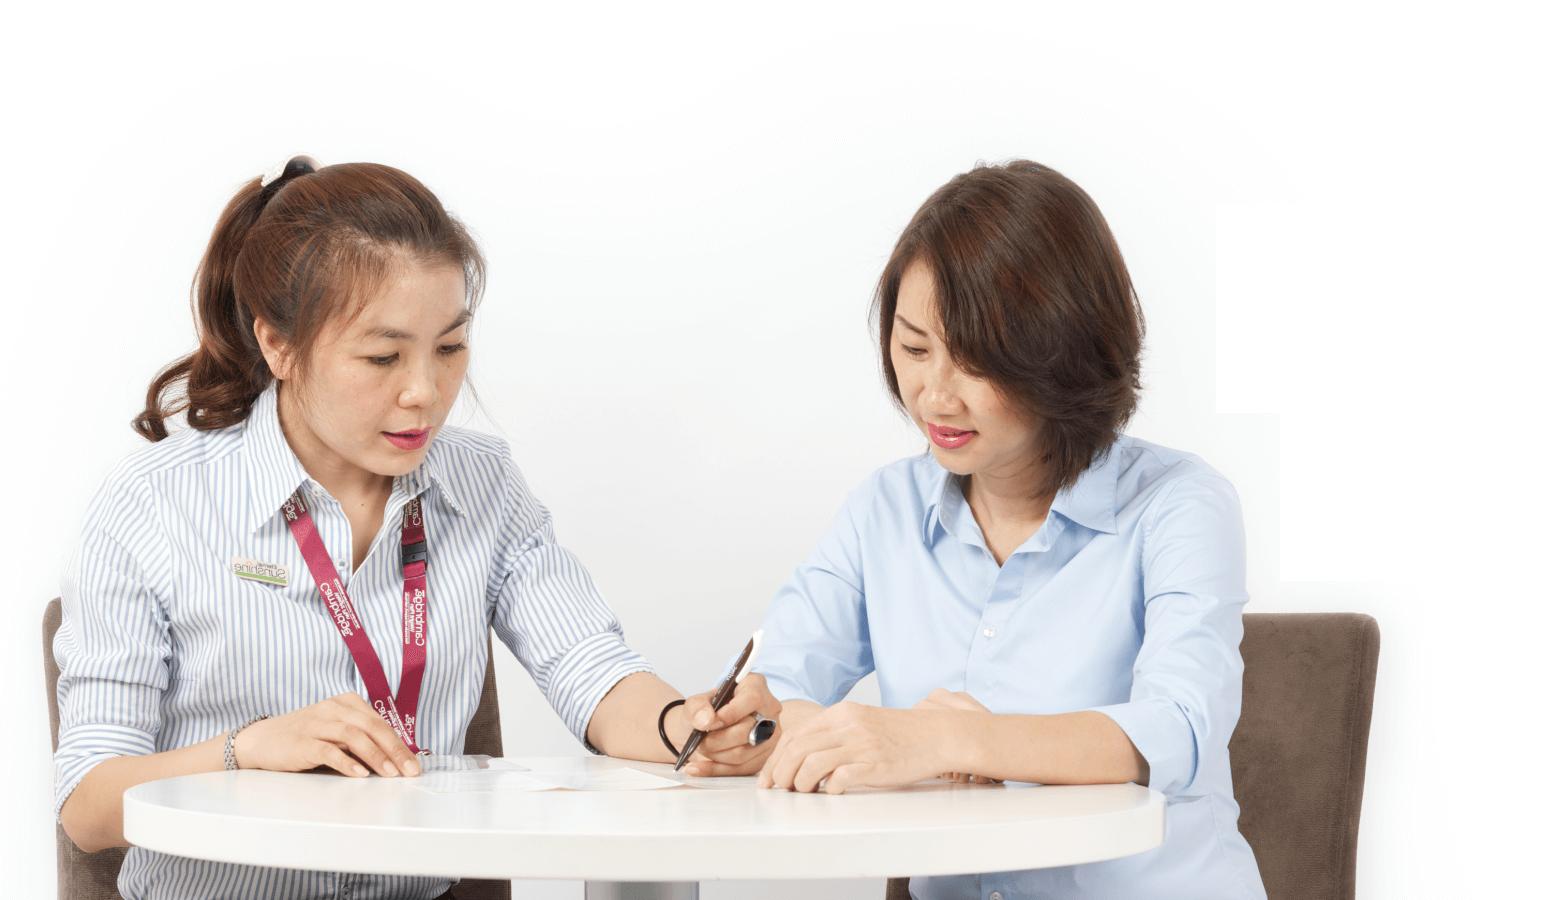 Chia sẻ 4 kinh nghiệm mua bảo hiểm nhân thọ ở Bắc Giang